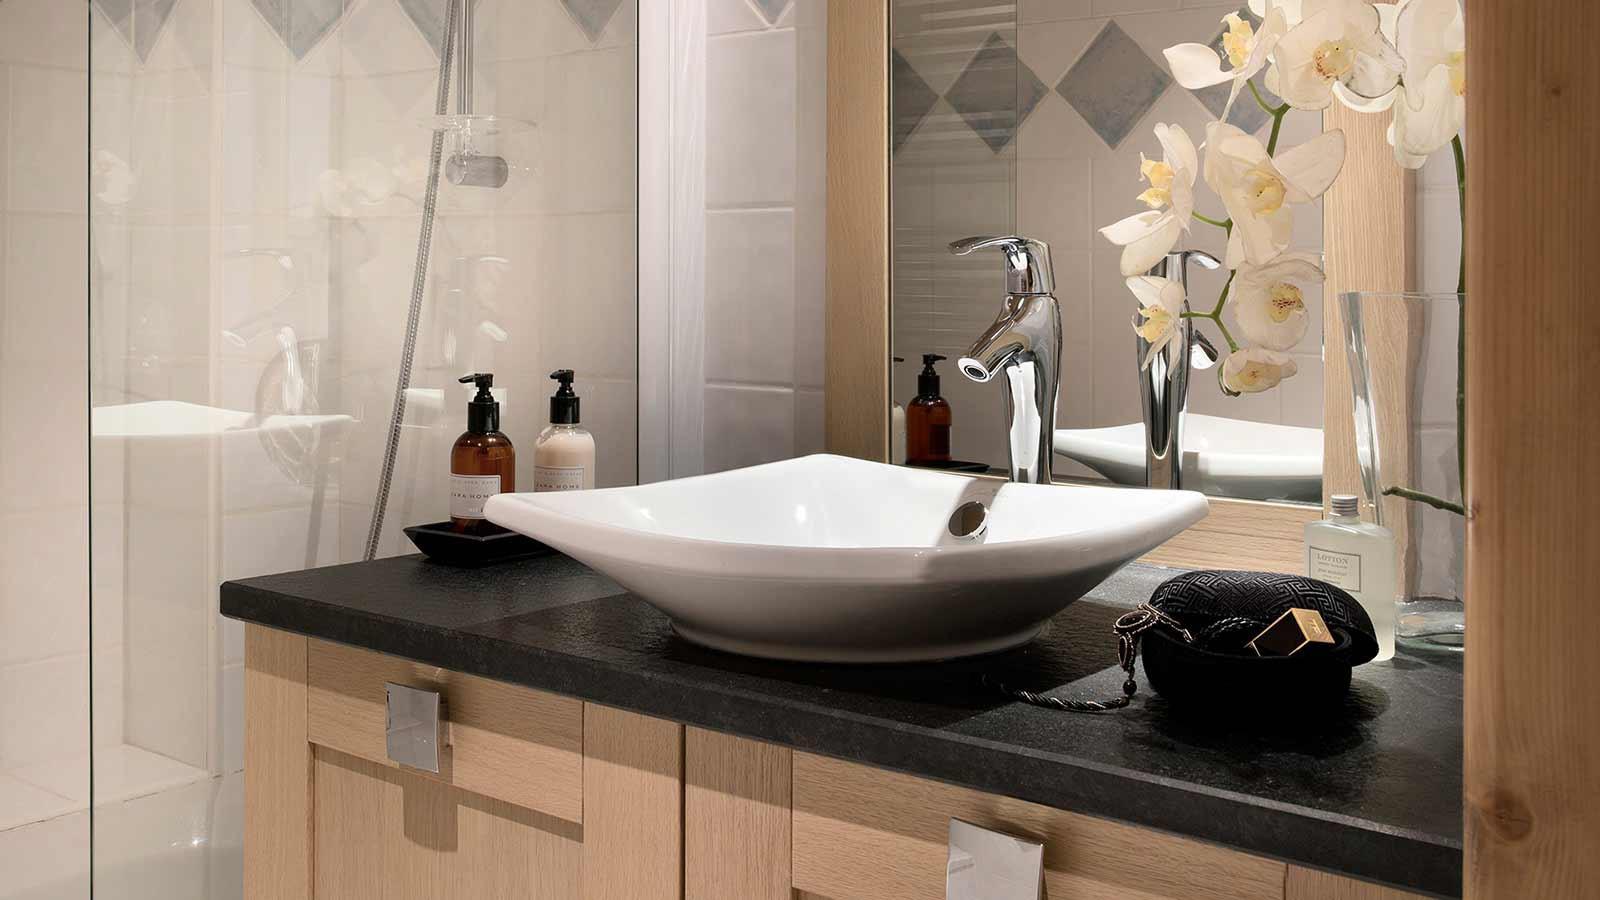 Le Cristal de l'Alpe Apartments, Alpe D'Huez - Bathroom Sink